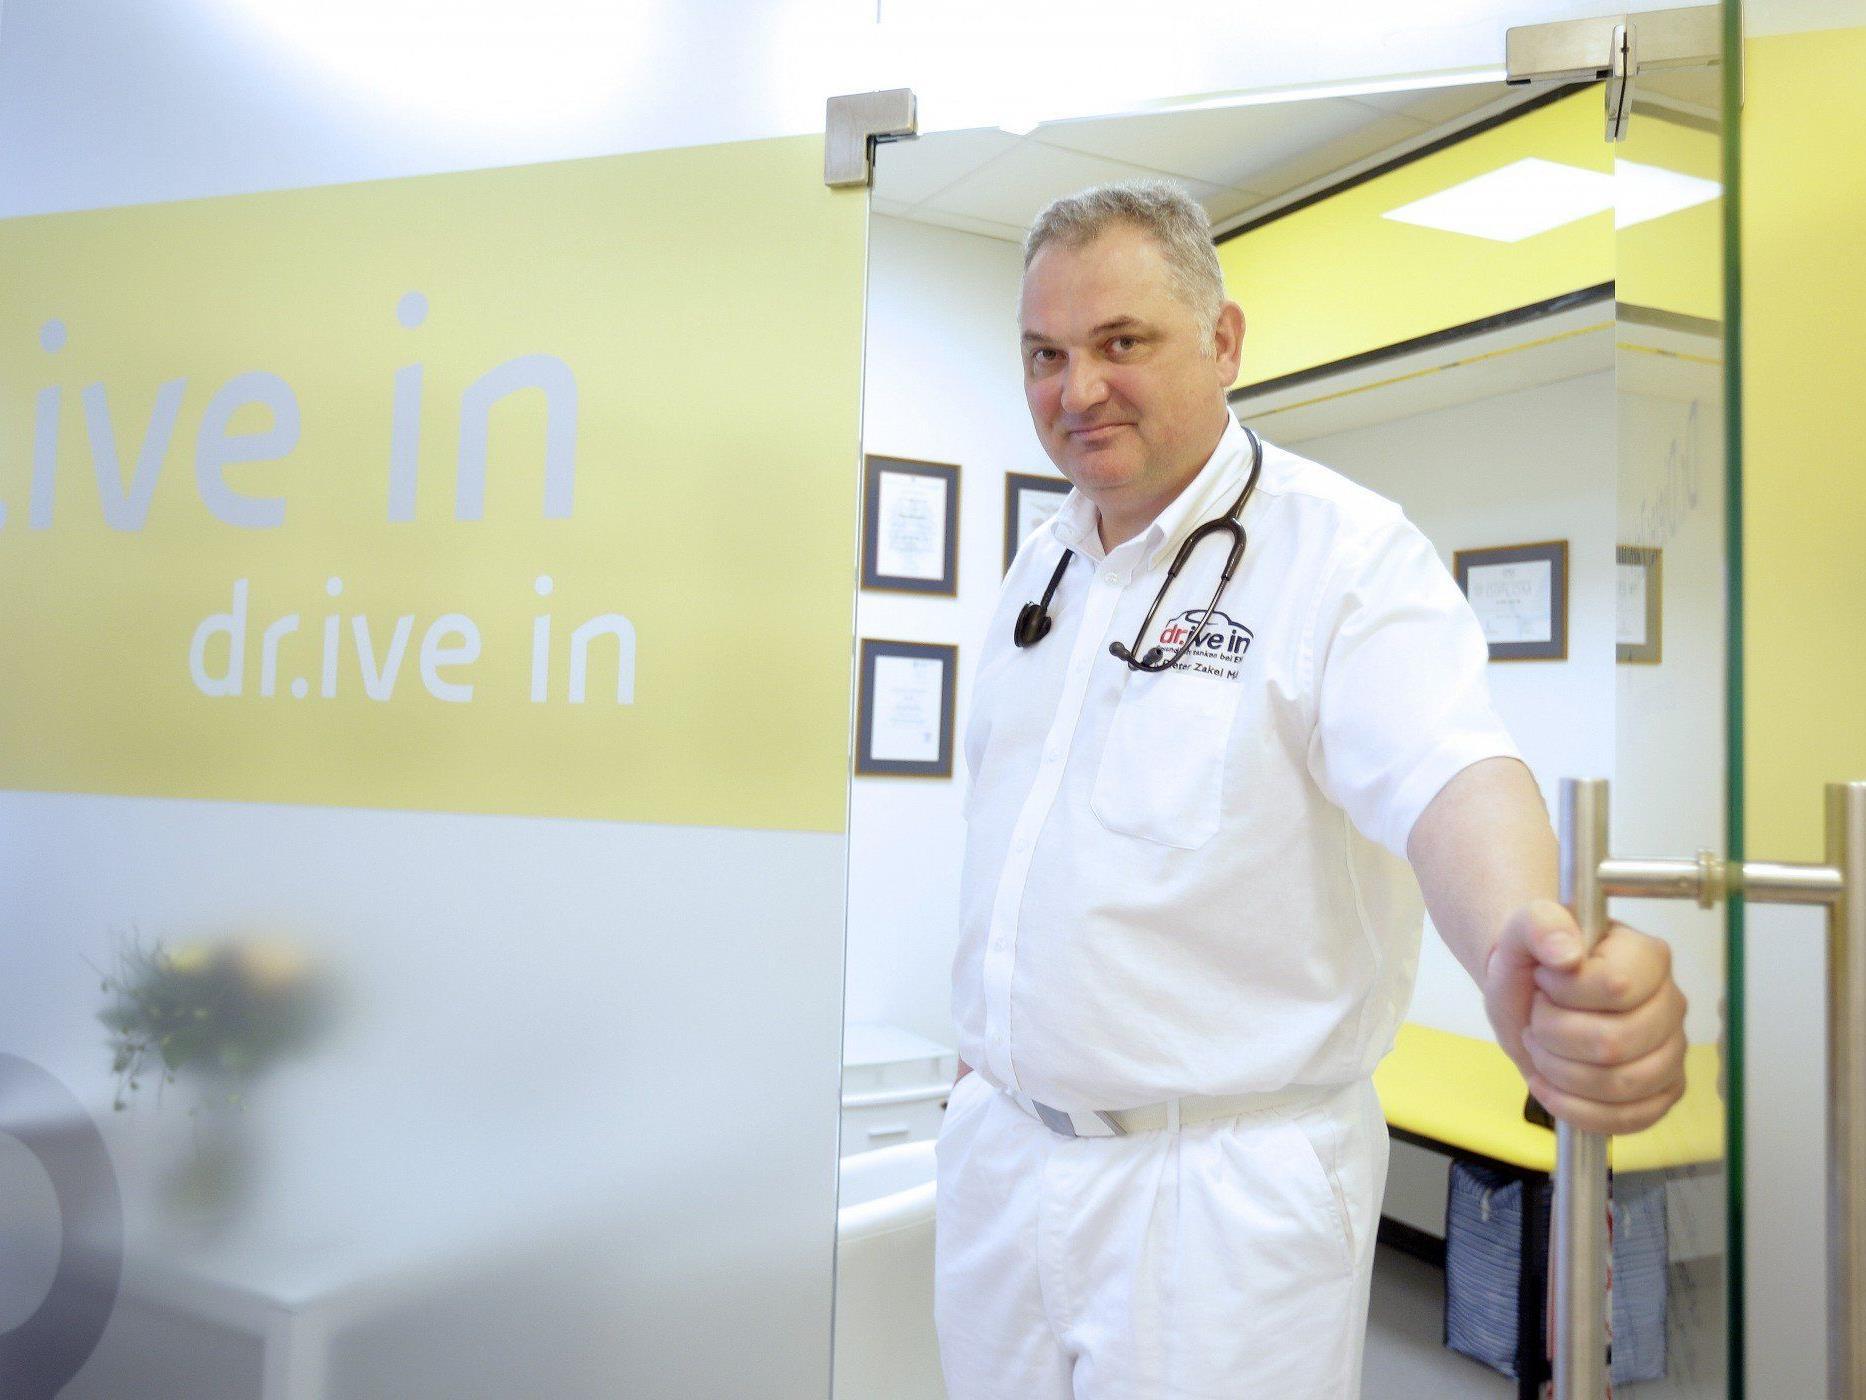 Am 1. Mai eröffnete in Wien-Döbling eine Arzt-Praxis in einer Tankstelle.